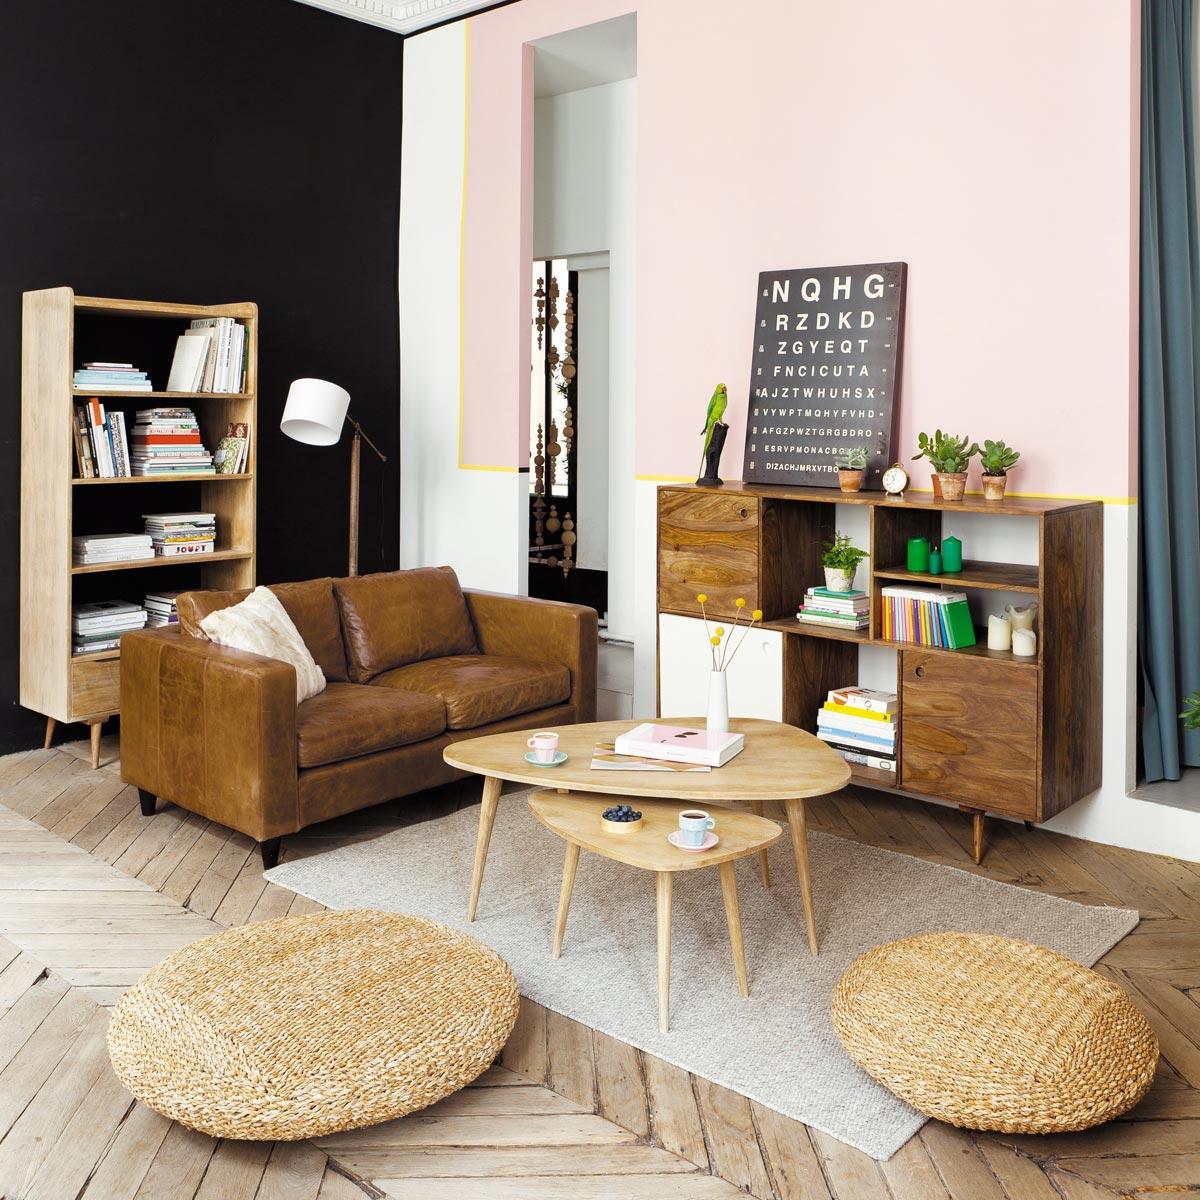 trendy convertible maisons du monde with convertible maison du monde. Black Bedroom Furniture Sets. Home Design Ideas